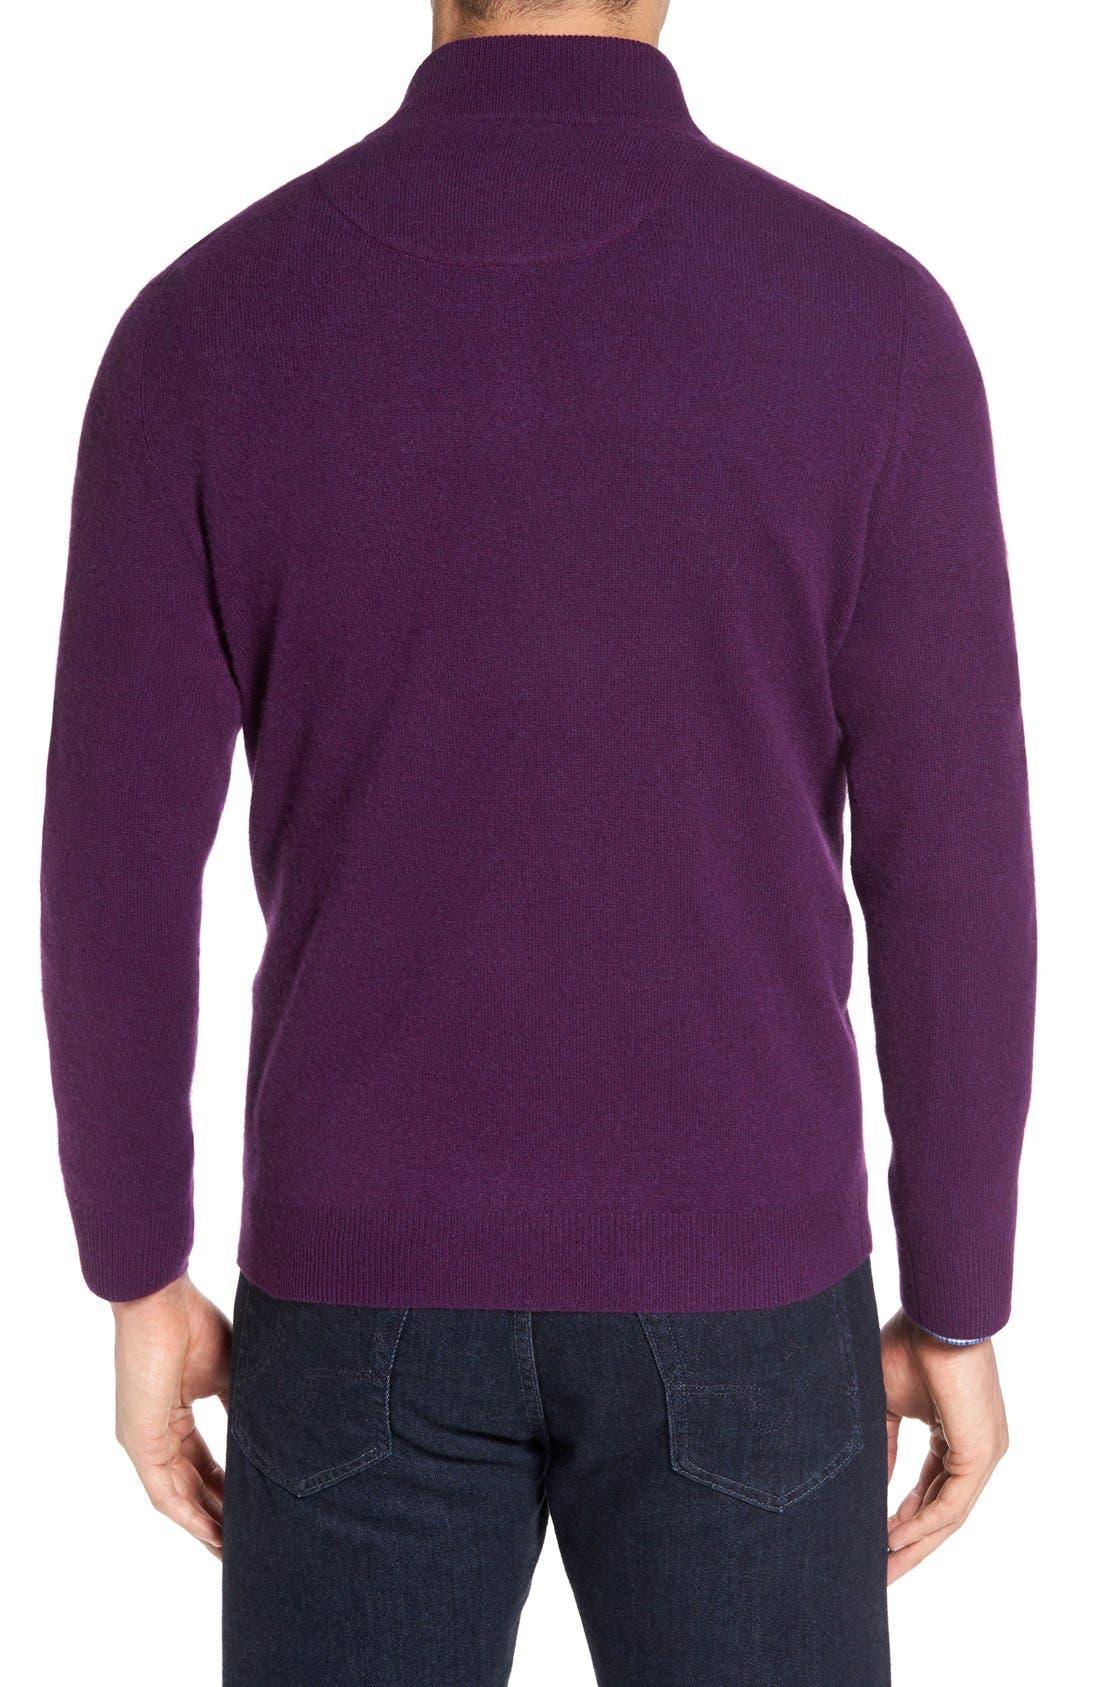 Cashmere Quarter Zip Sweater,                             Alternate thumbnail 22, color,